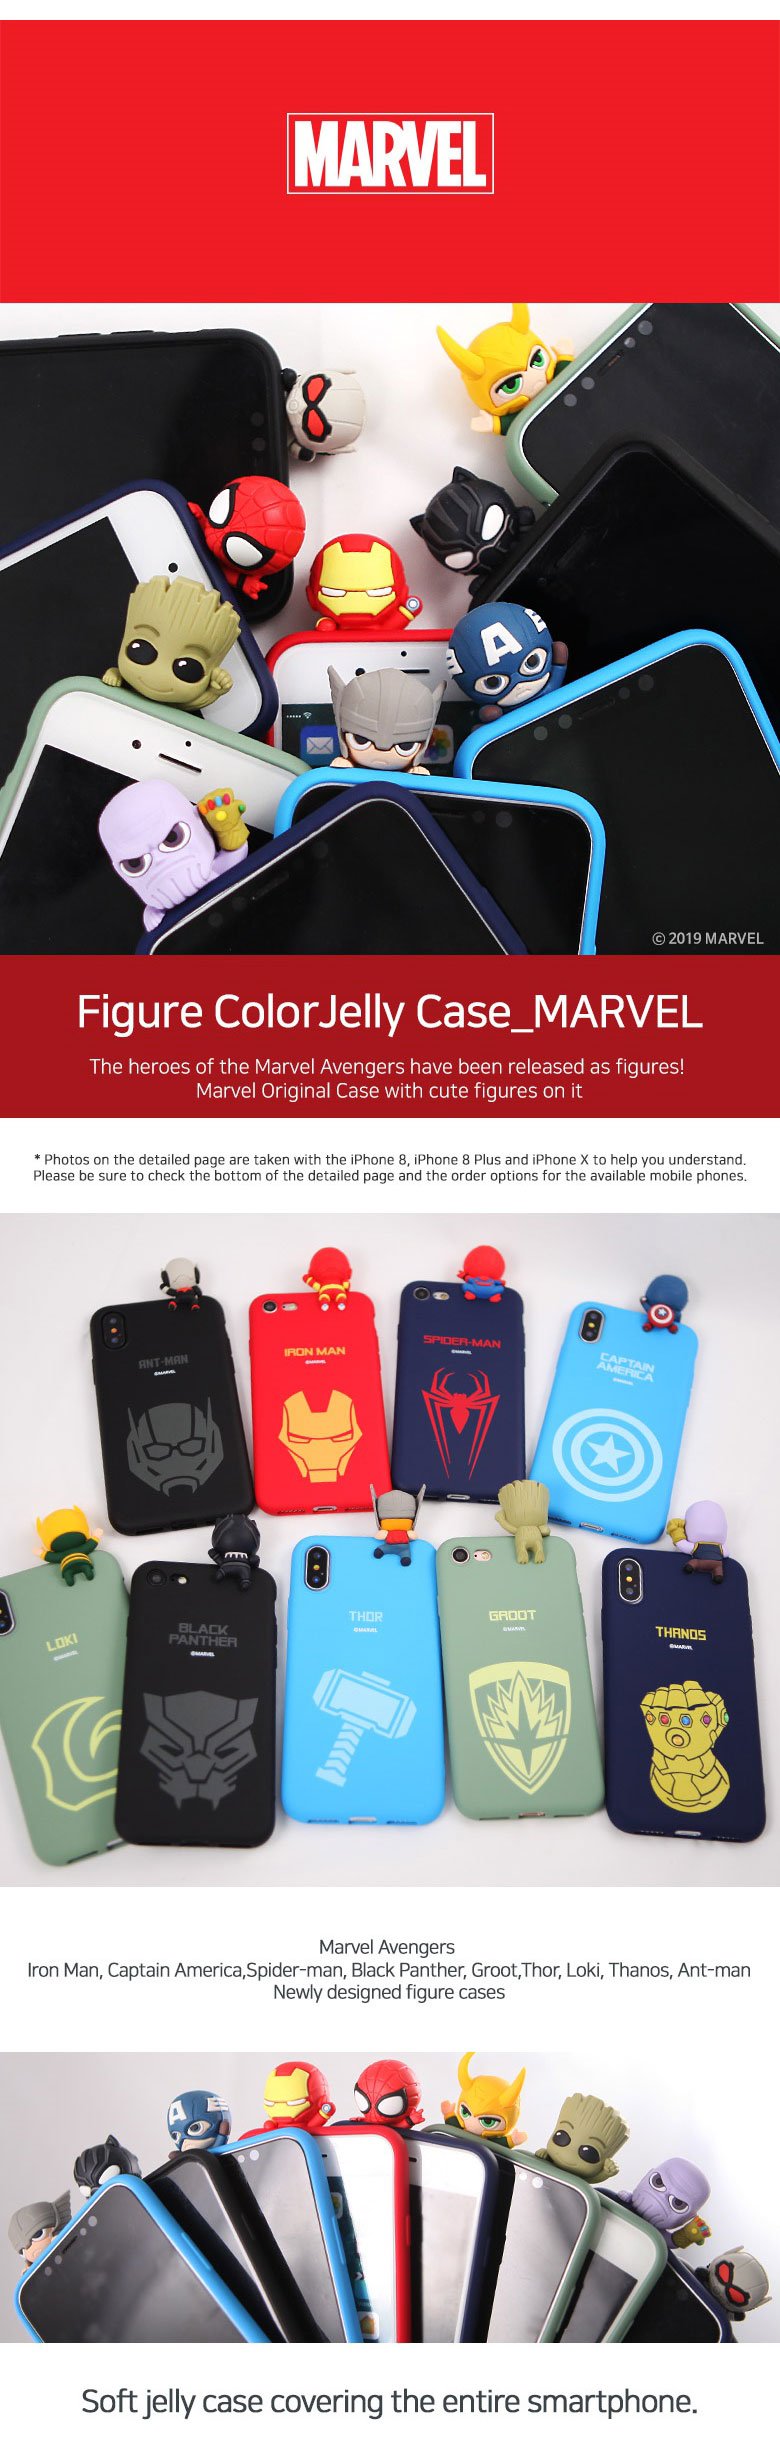 Storinus Casing for iPhone XS Max Captain America